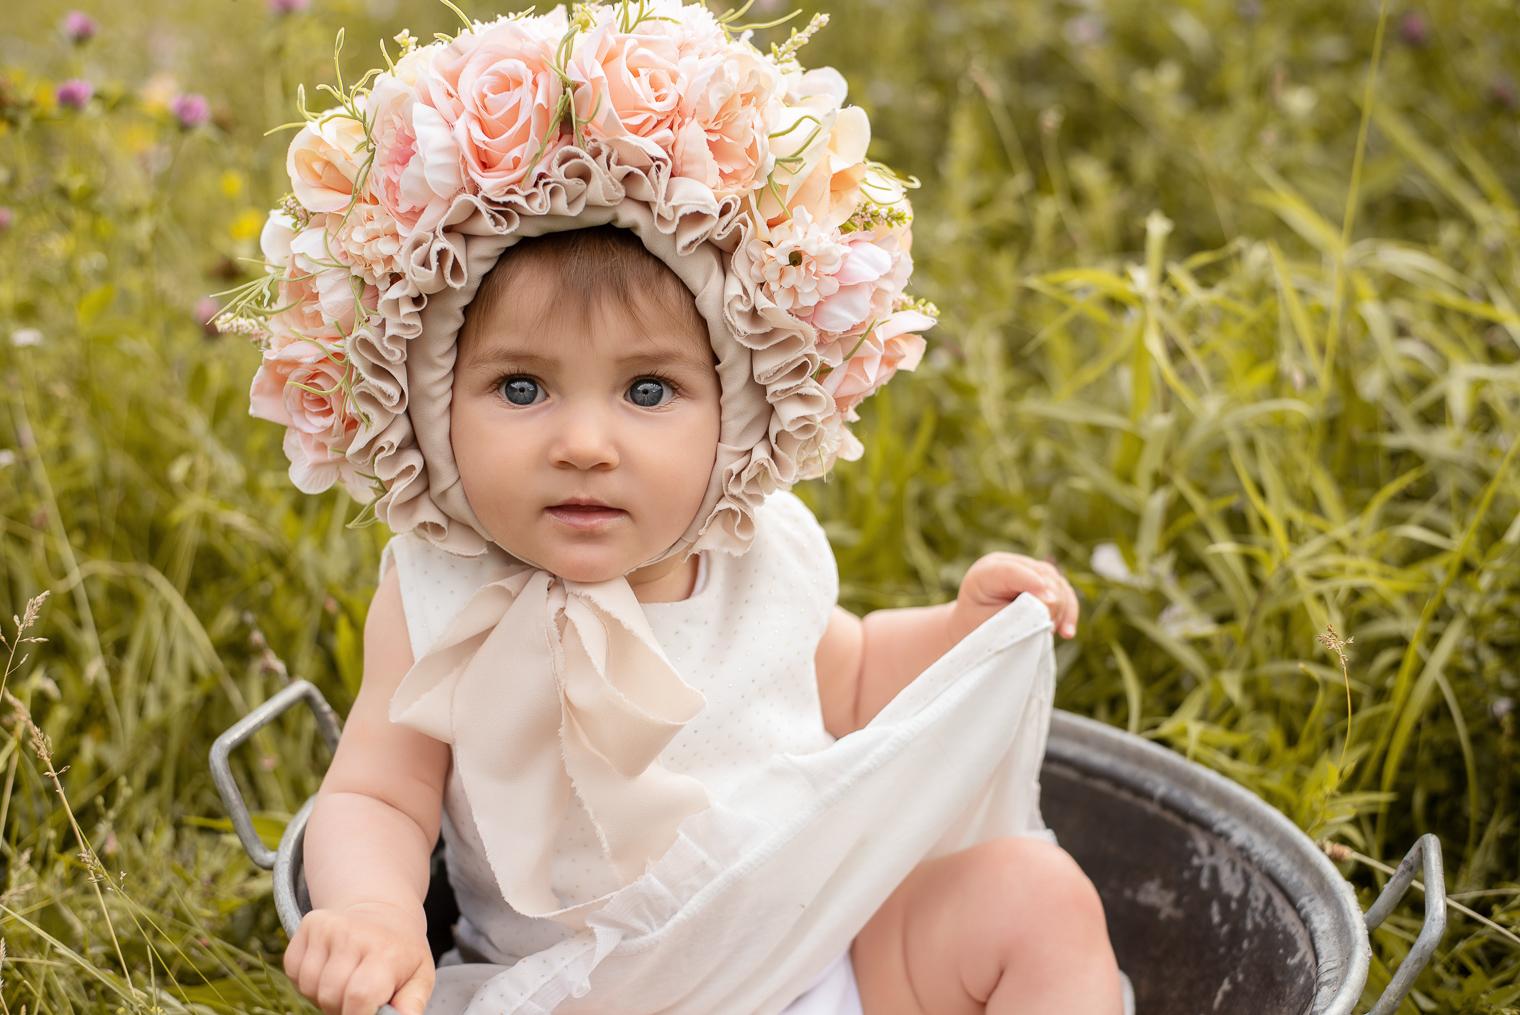 belinda lopez photo bebe enfant photographie famille grossesse nouveau-ne maternite photographe bourg-saint-maurice savoie belindalopez.fr-40